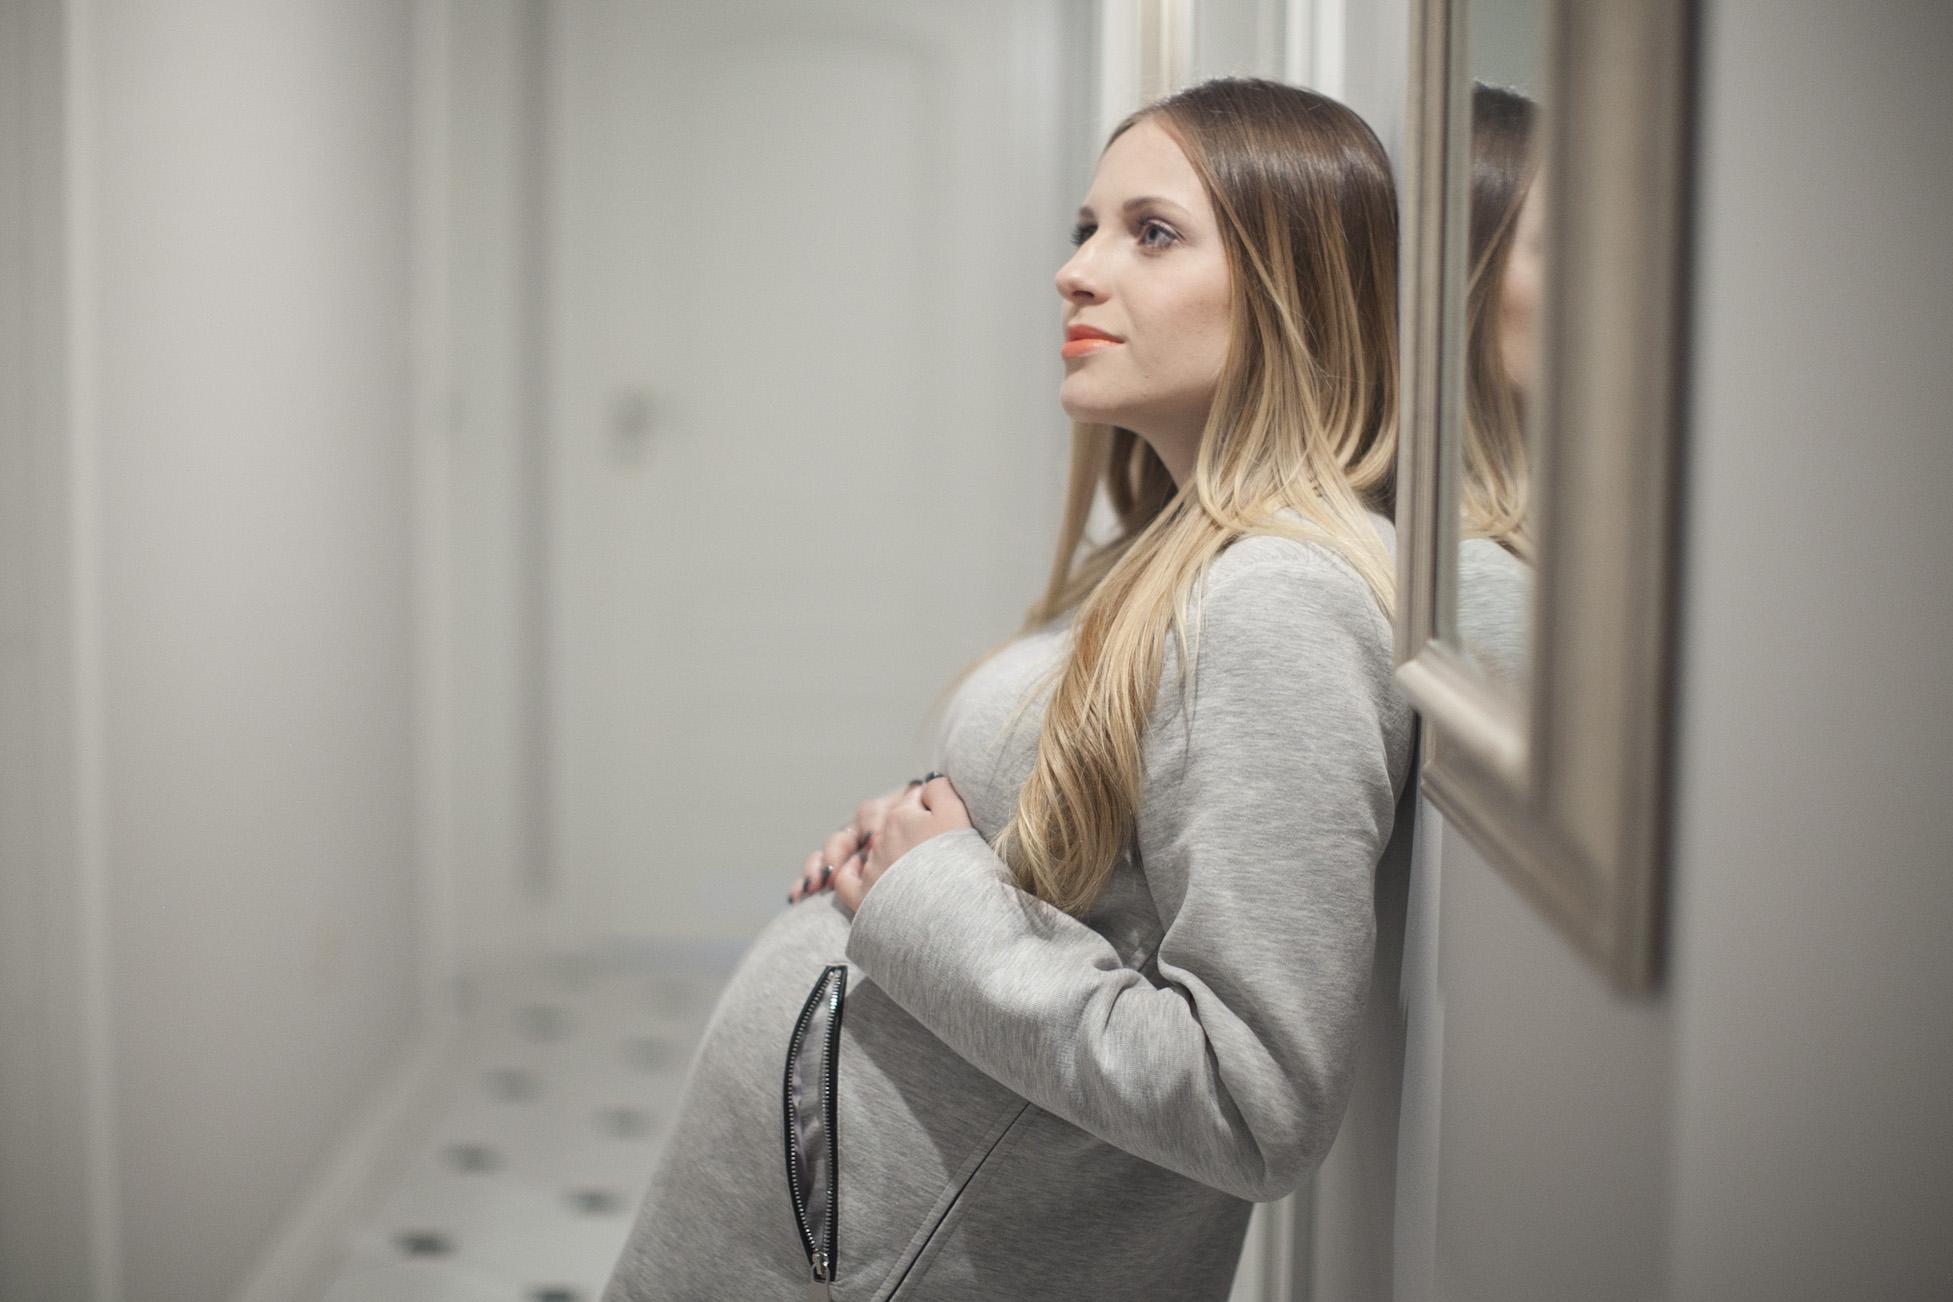 Szary płaszczyk – ciążowa stylizacja